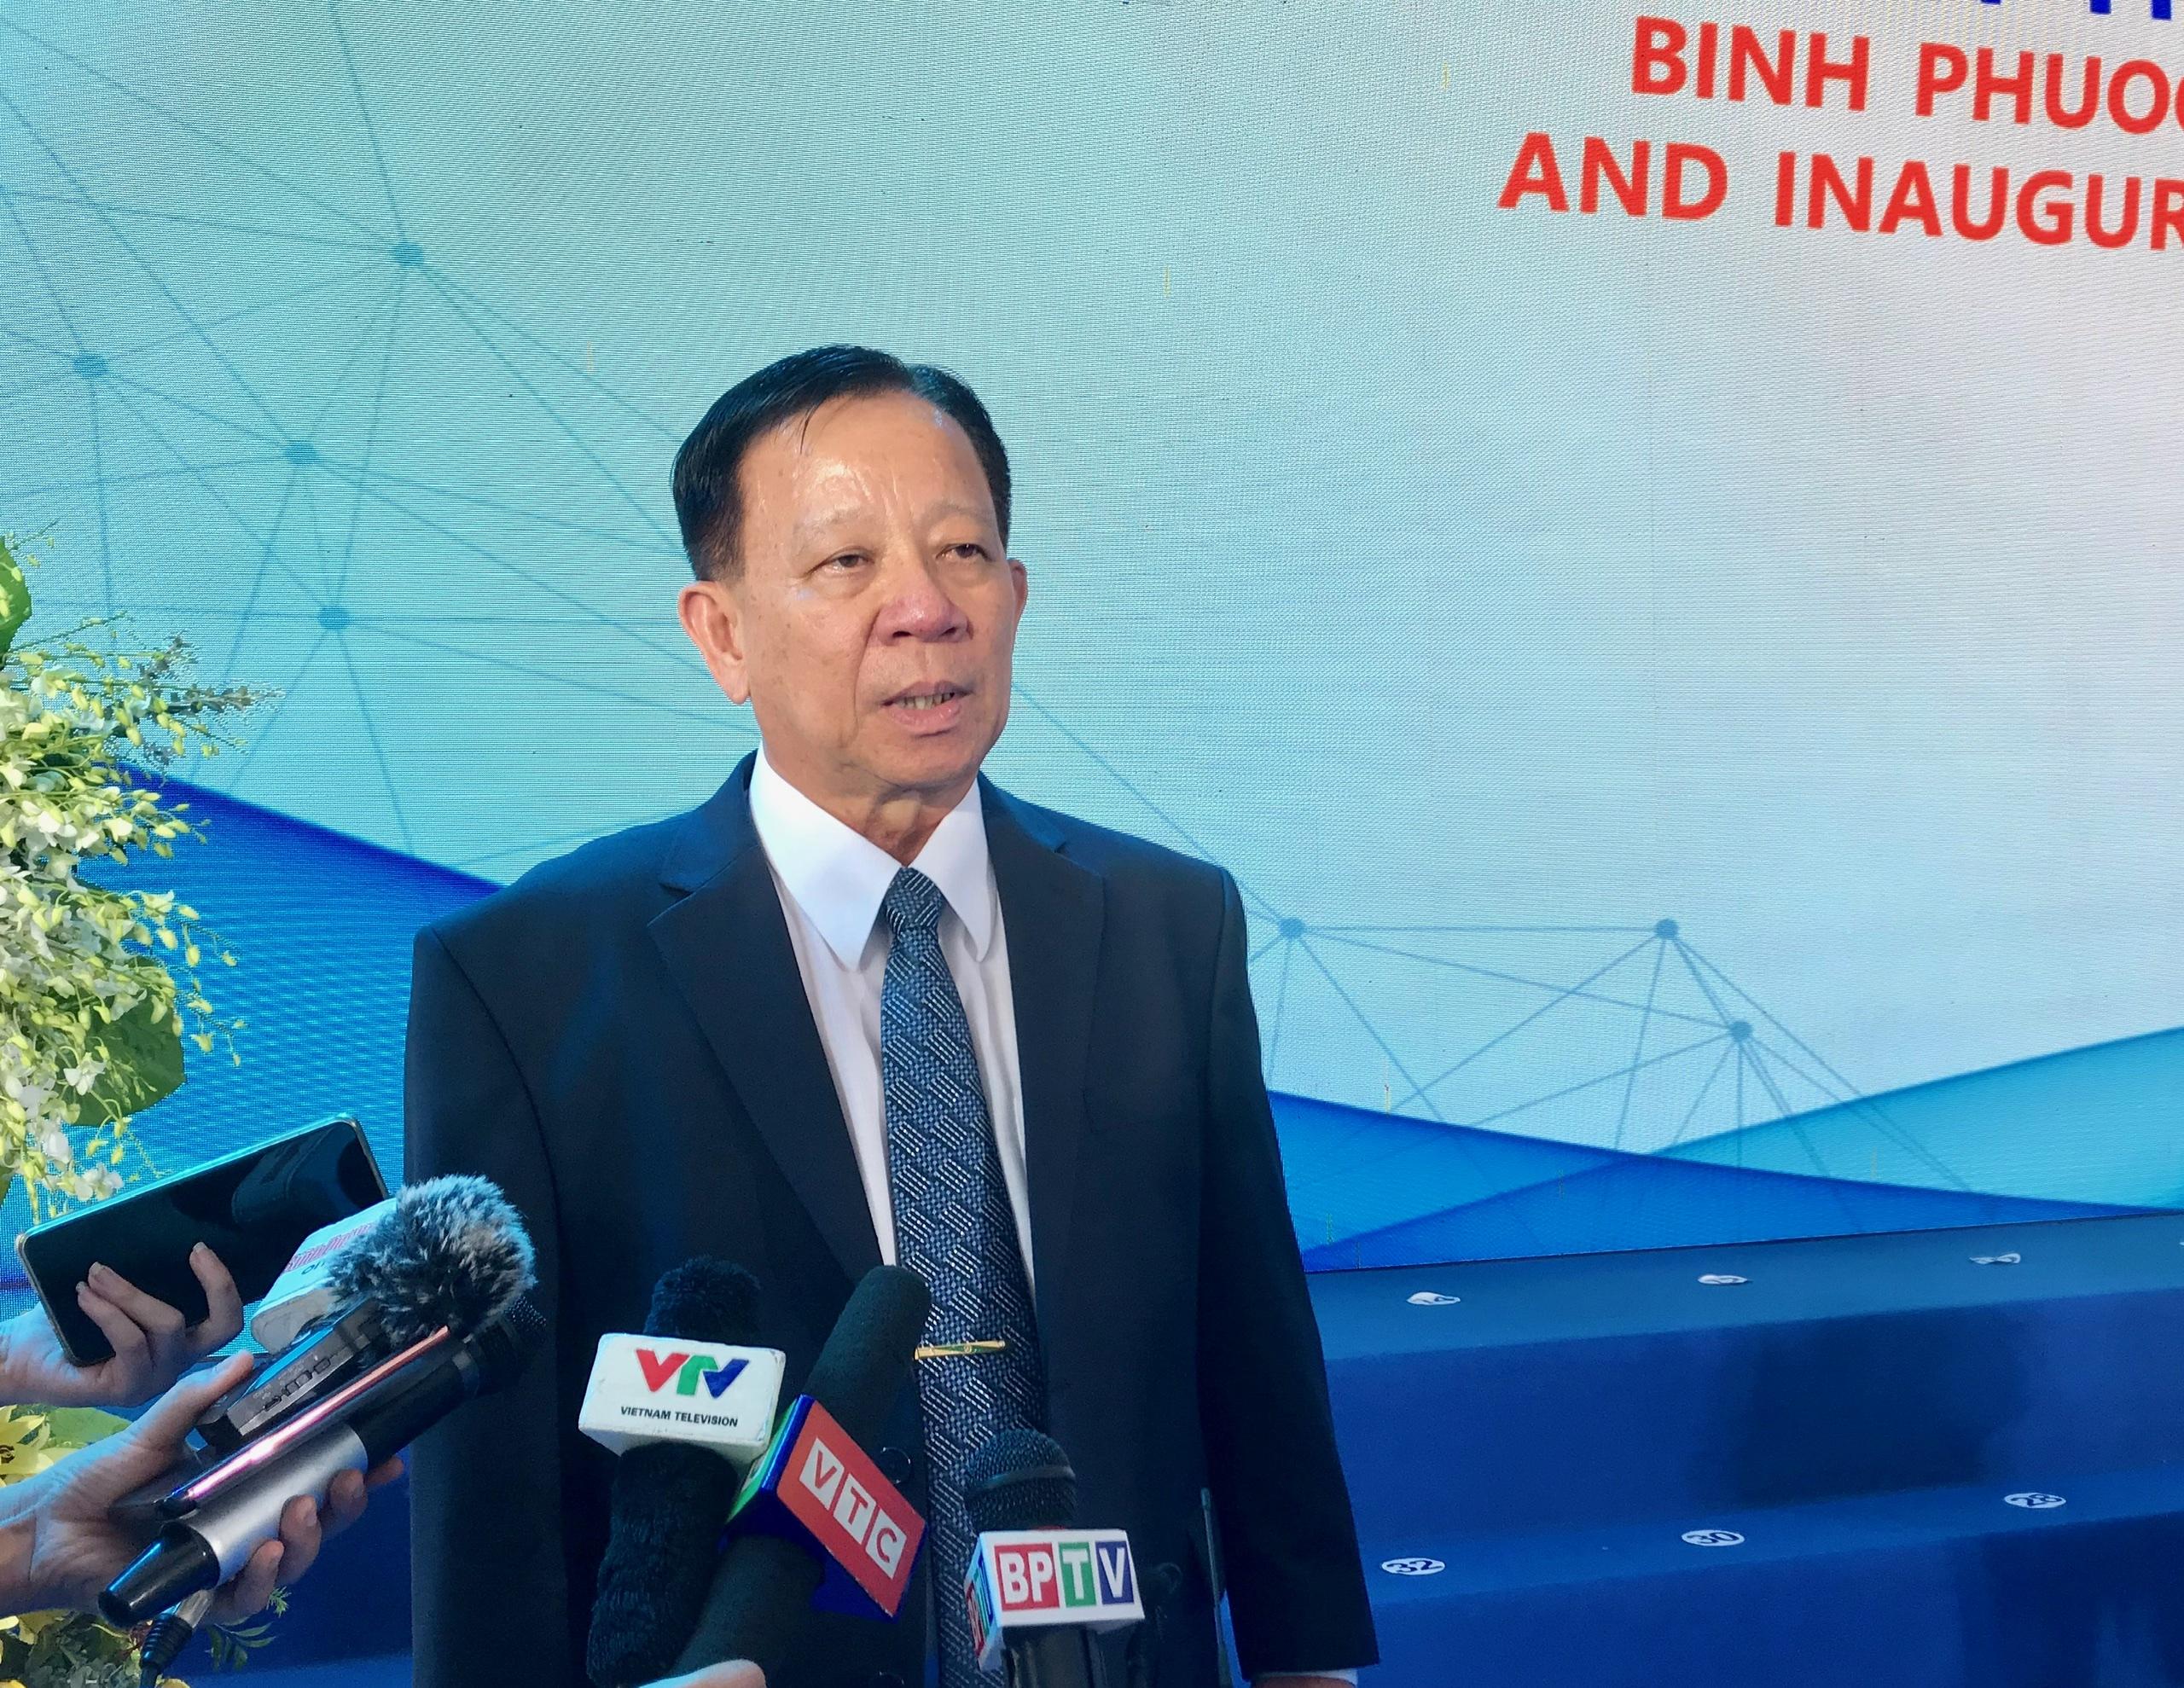 Bình Phước đón làn sóng đầu tư công nghiệp, năng lượng hơn 46.200 tỷ đồng - Ảnh 2.